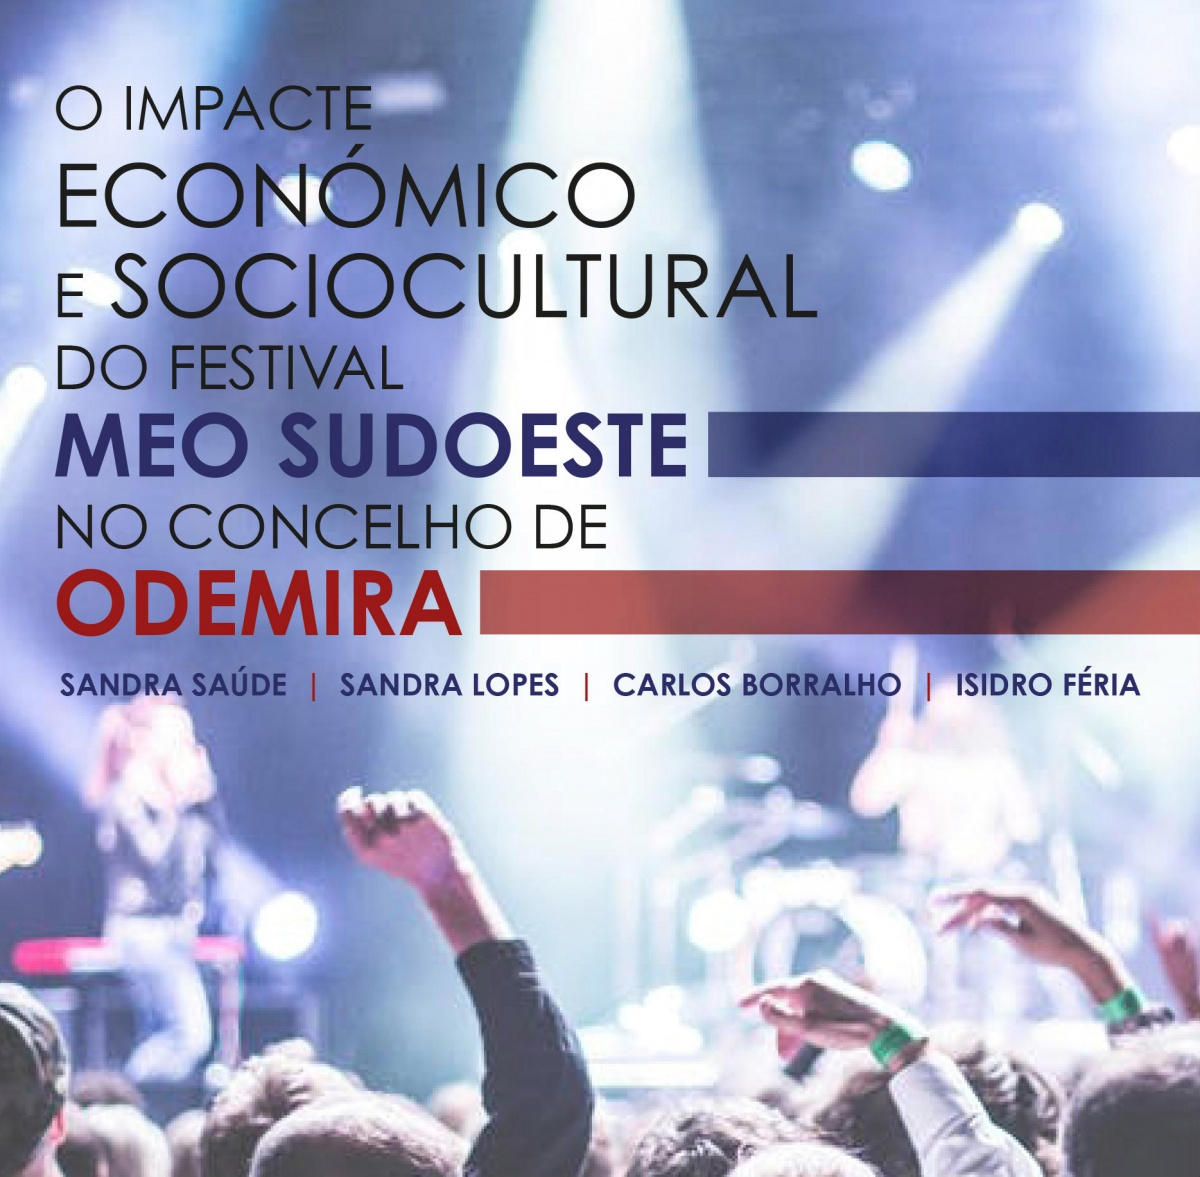 Impacte do MEO SW no concelho de Odemira